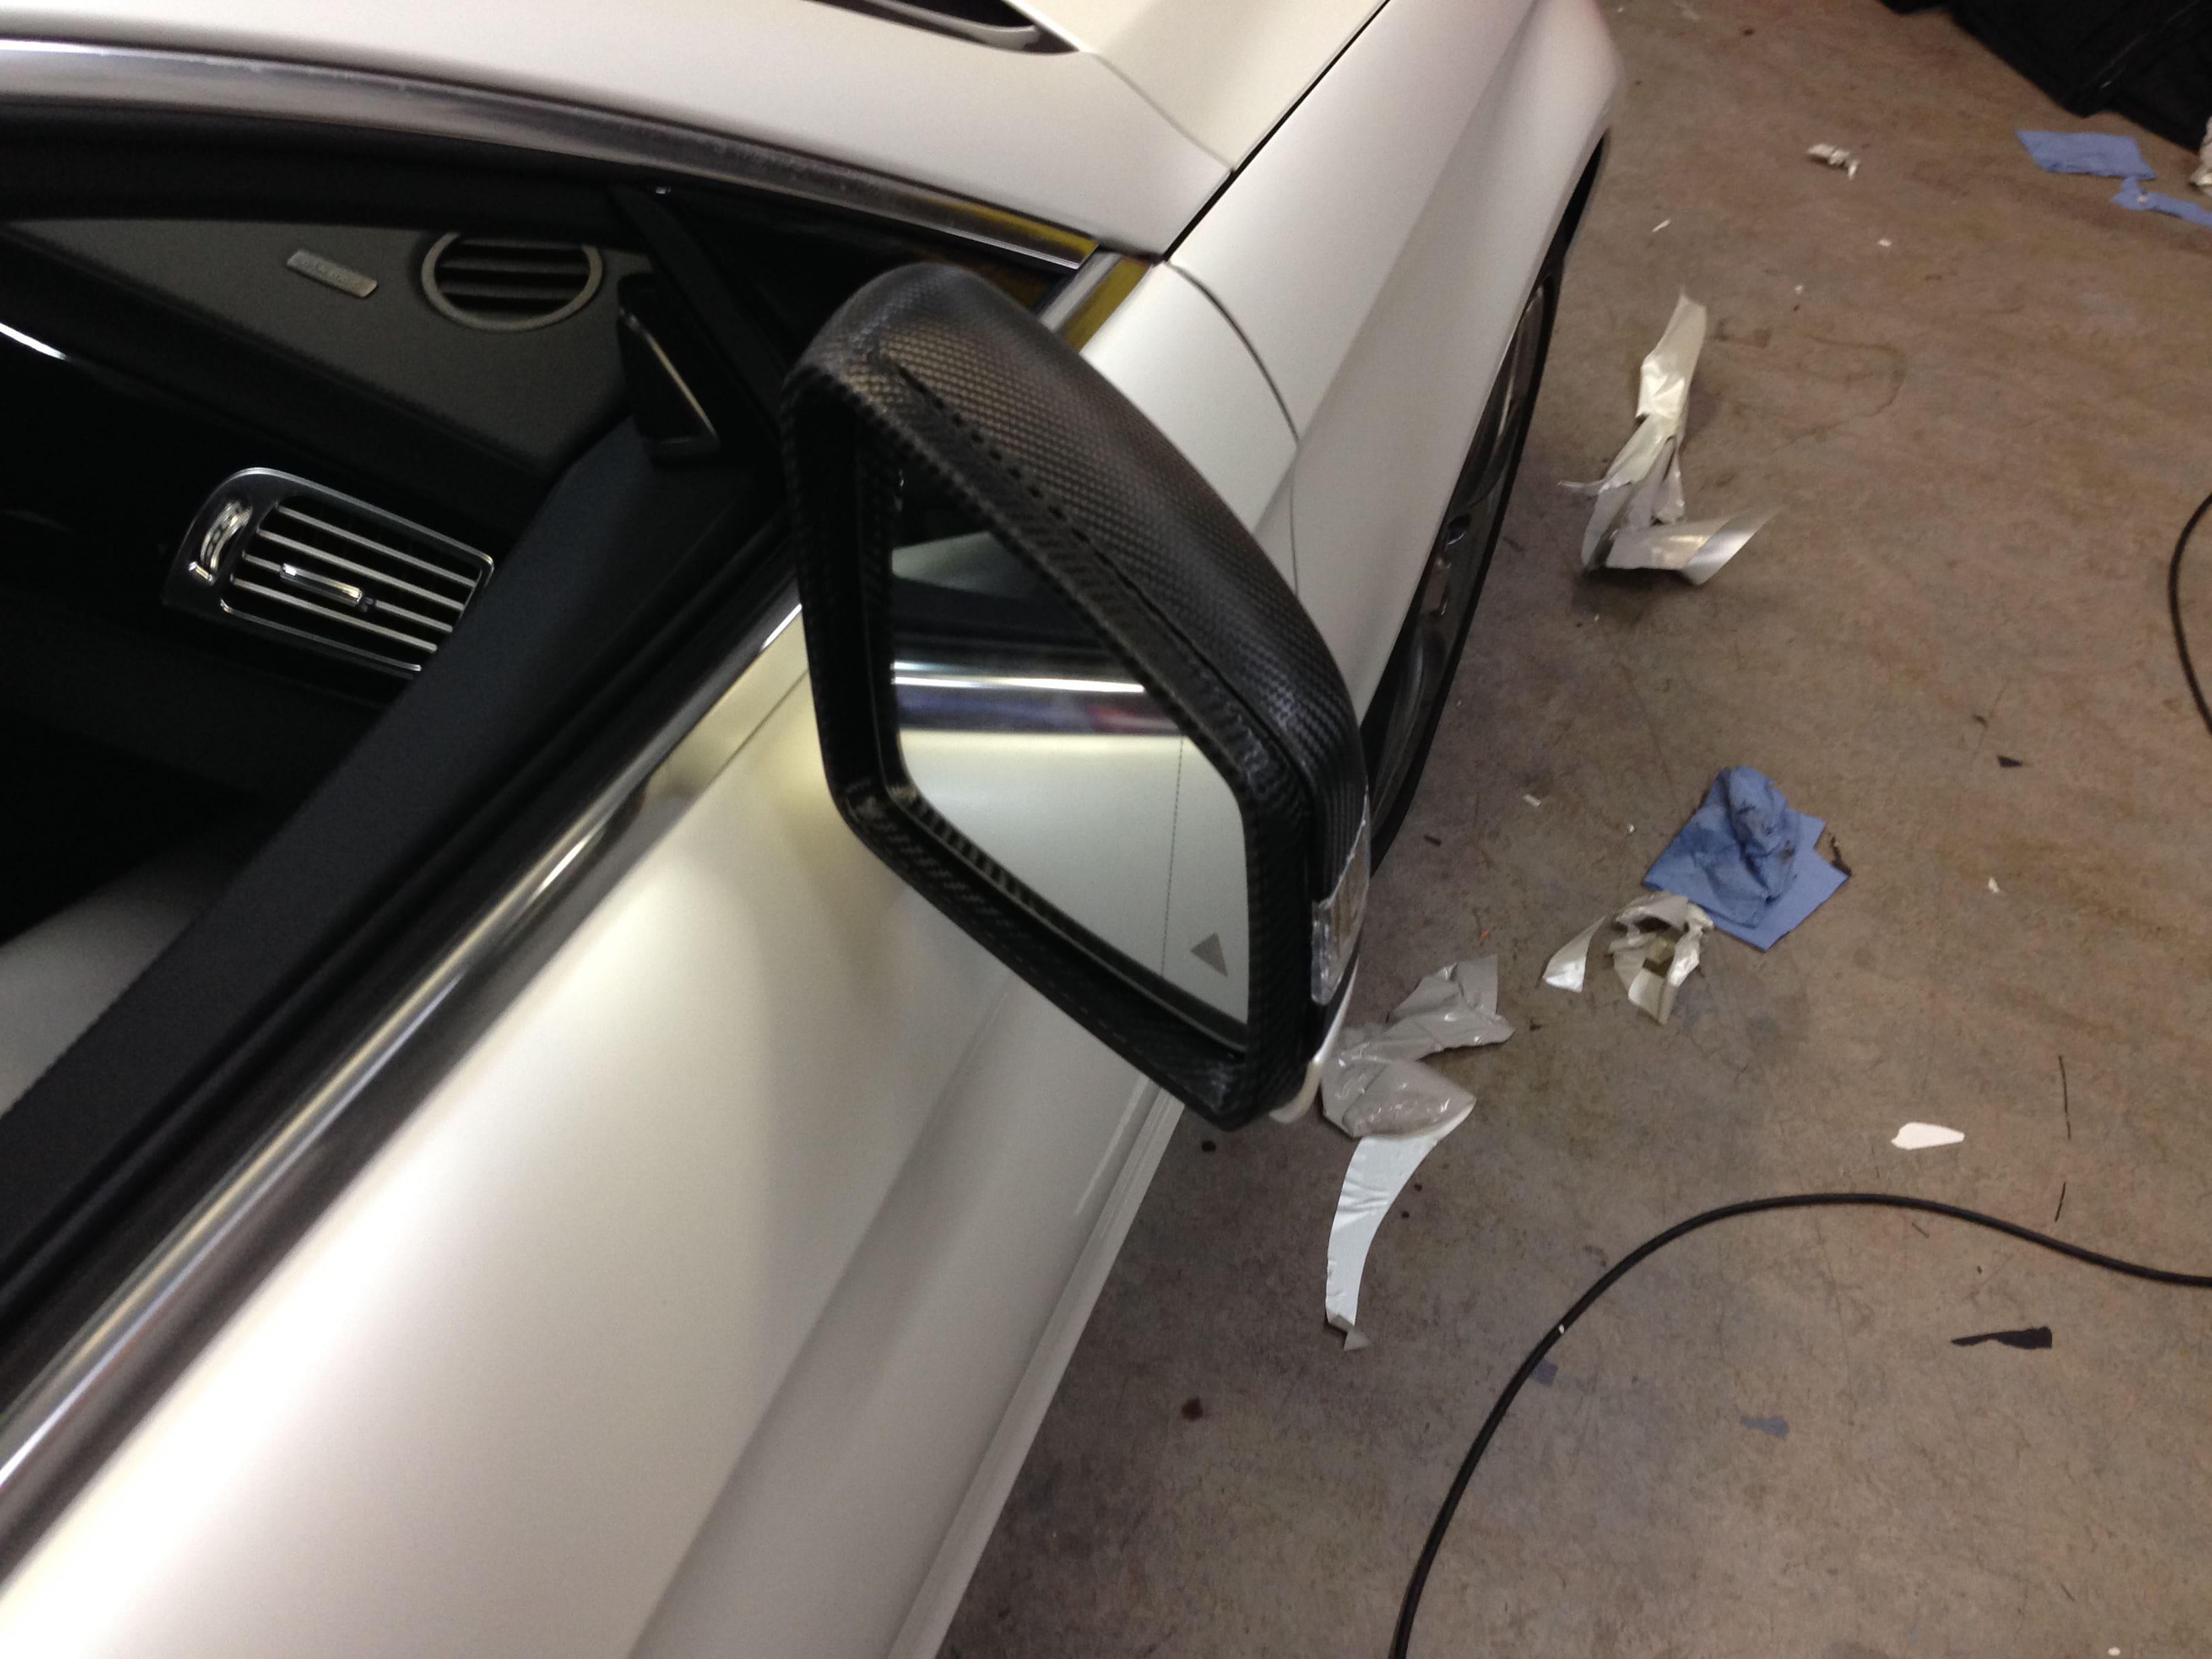 Mercedes CLS met White Satin Pearl Wrap, Carwrapping door Wrapmyride.nu Foto-nr:6187, ©2021